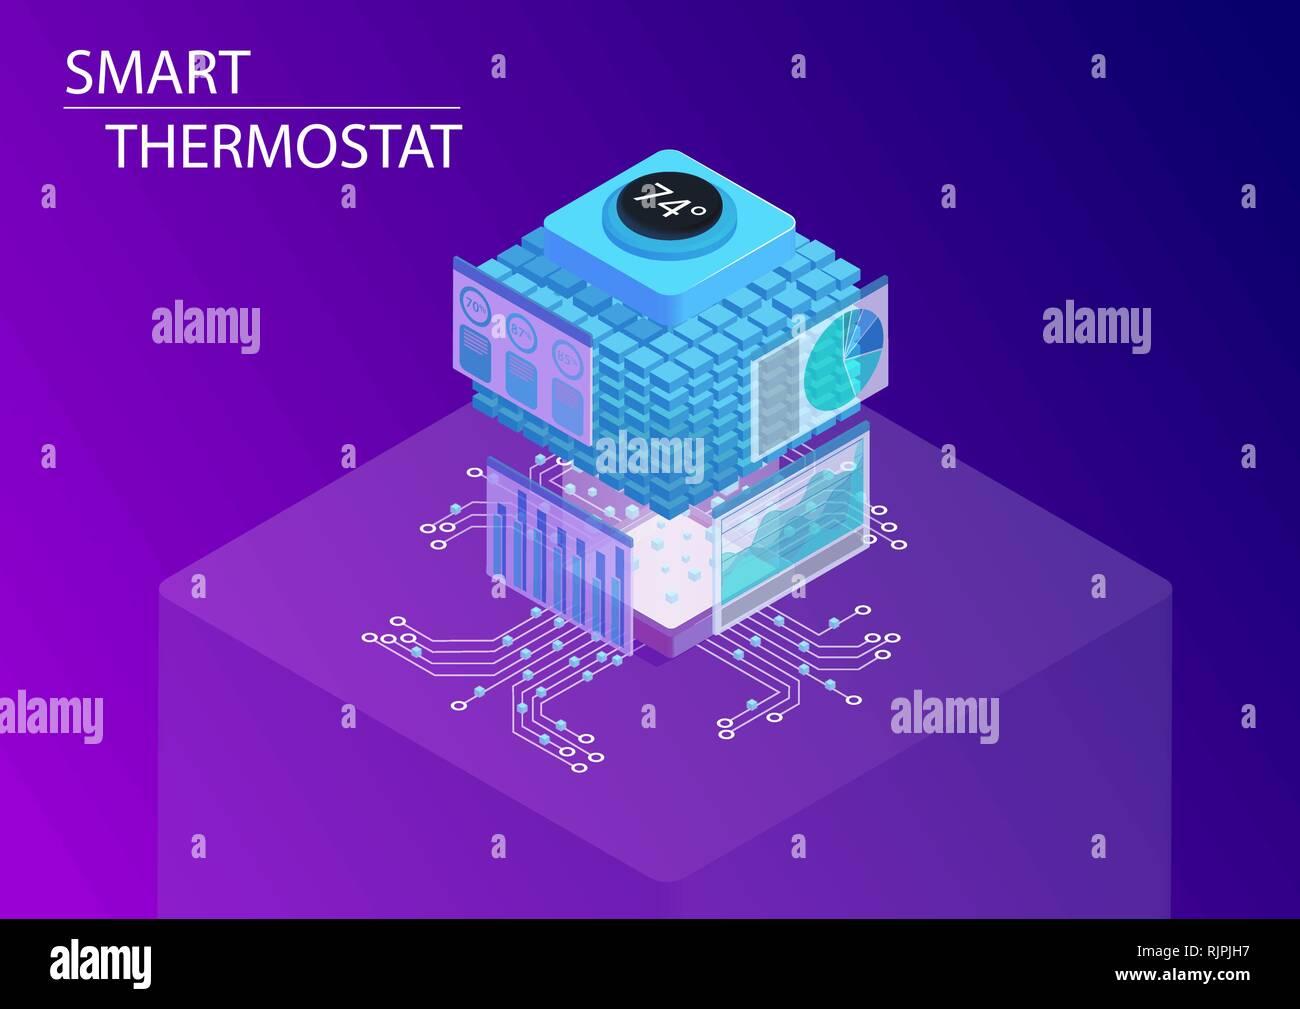 Hogar inteligente y termostato inteligente concepto. 3D isométrica ilustración vectorial. Ilustración del Vector